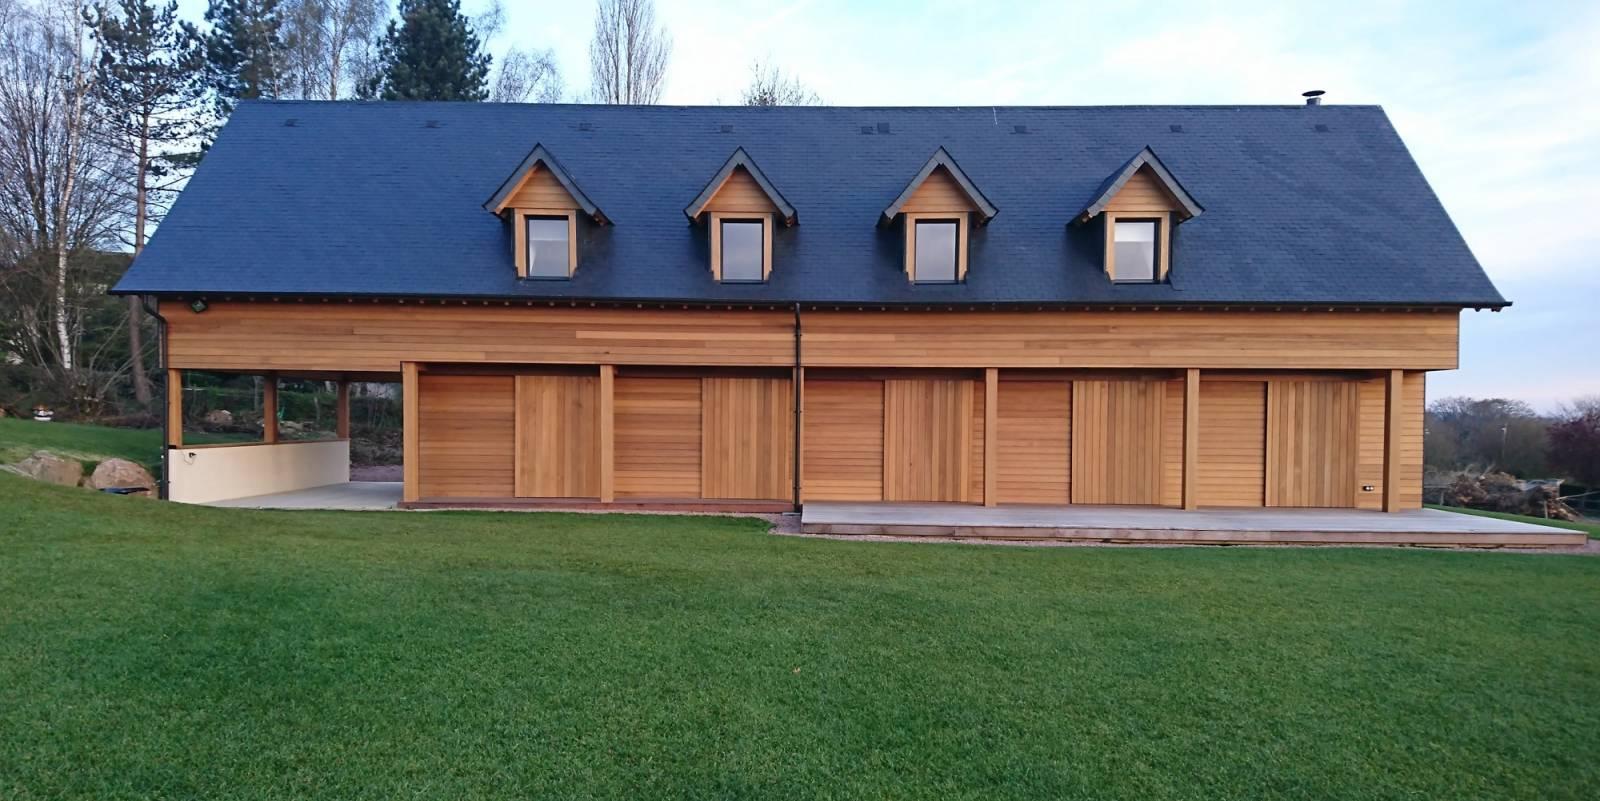 Maison Bois Architecte Pas Cher réaliser une maison d'architecte originale et sur mesure